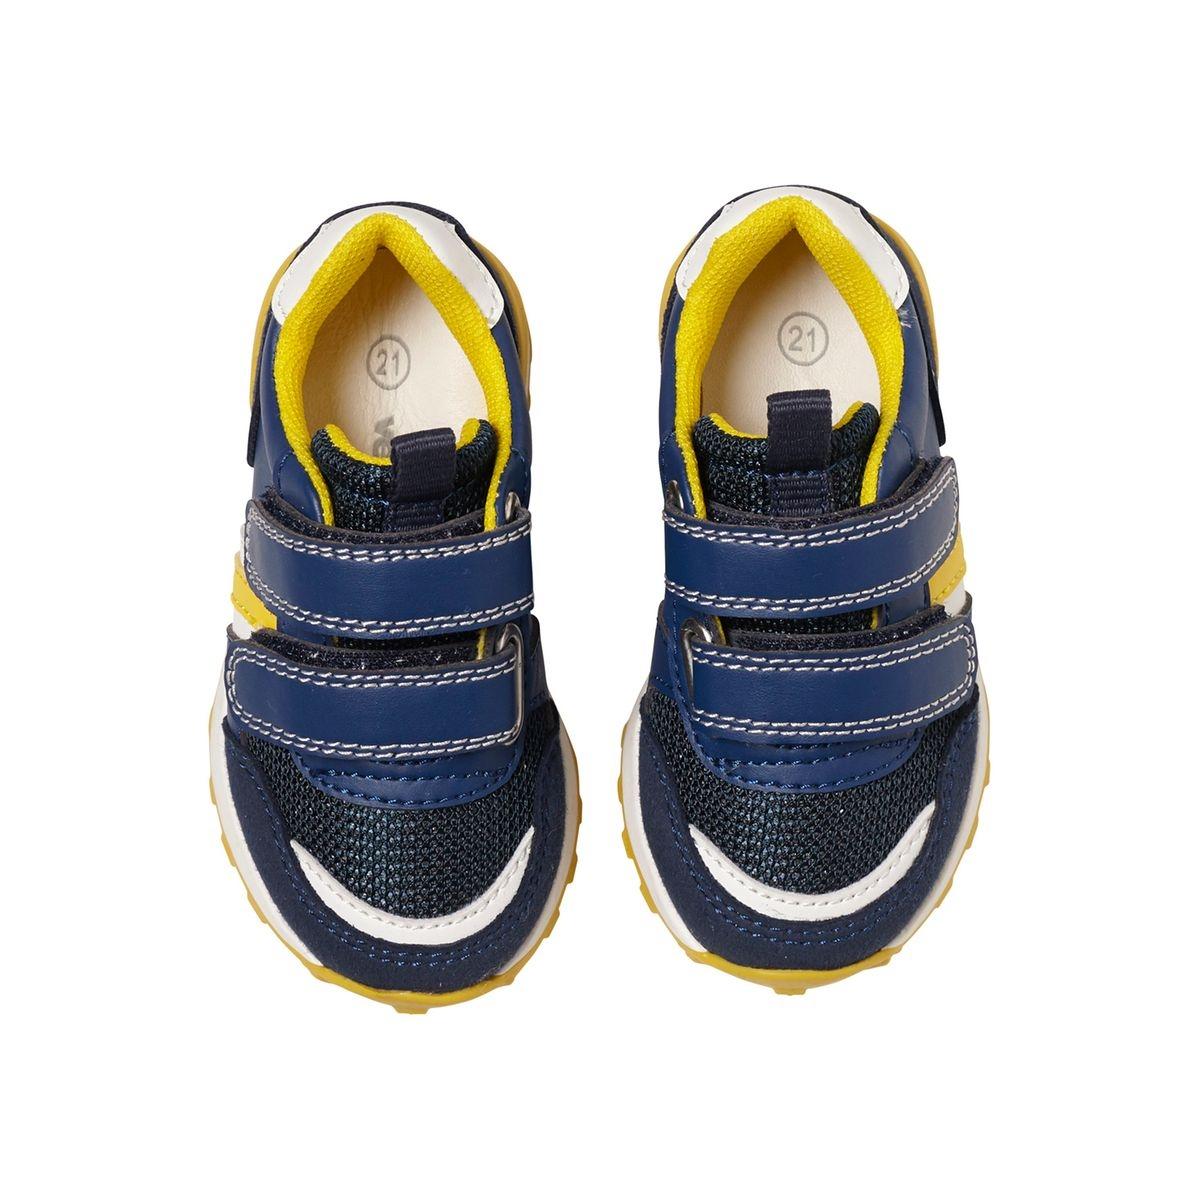 Baskets scratchées bébé garçon esprit running